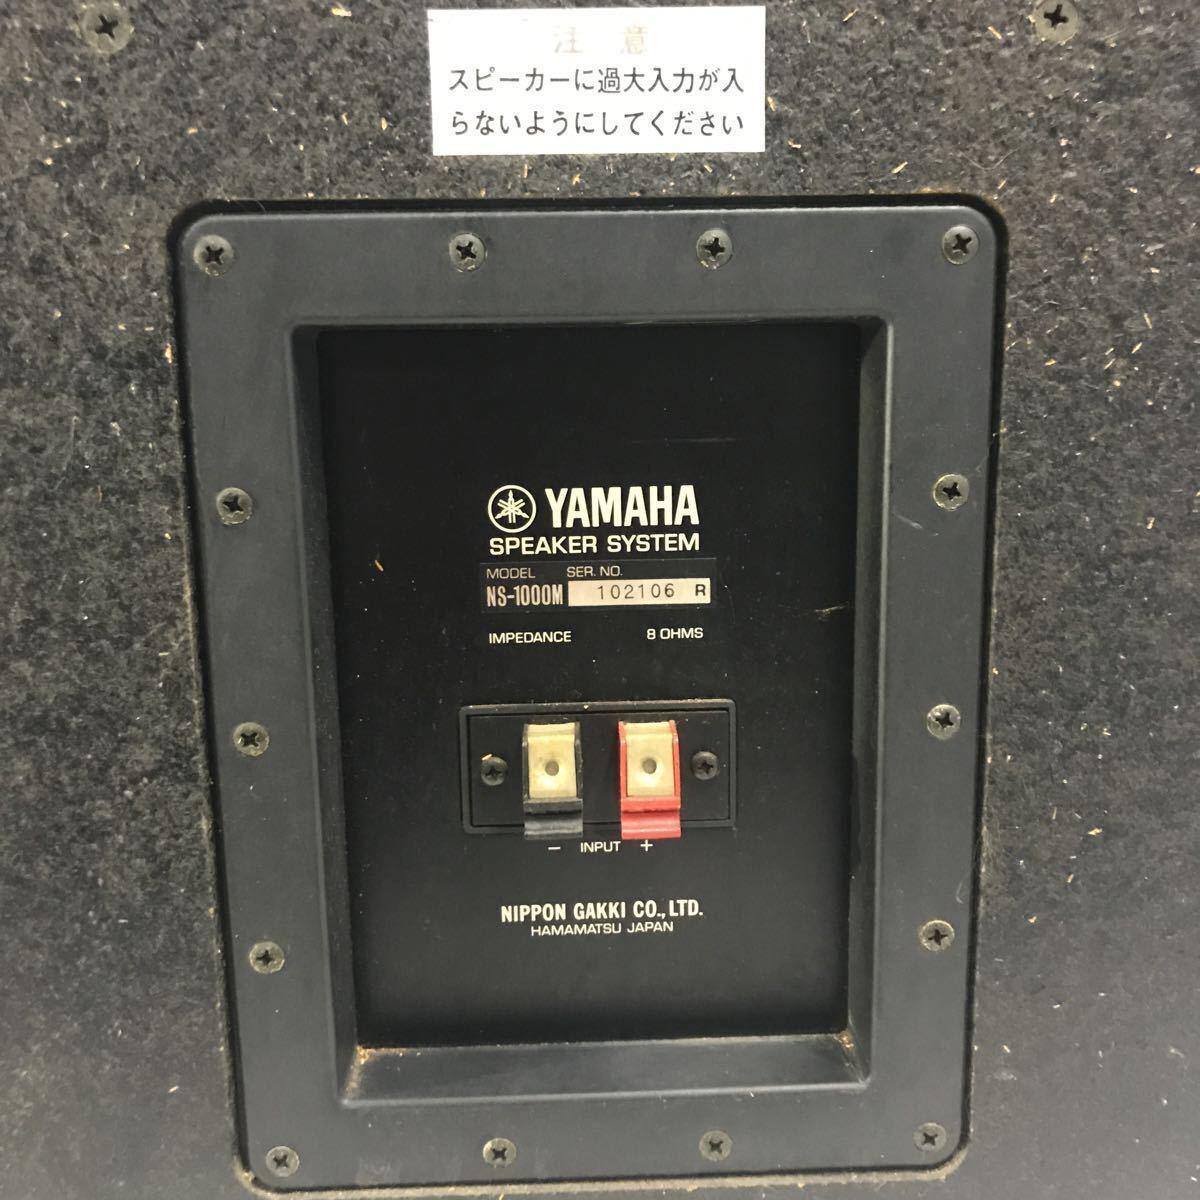 ★☆YAMAHA ヤマハ スピーカー NS-1000 MONITOR SPEAKER SYSTEM ☆★_画像8